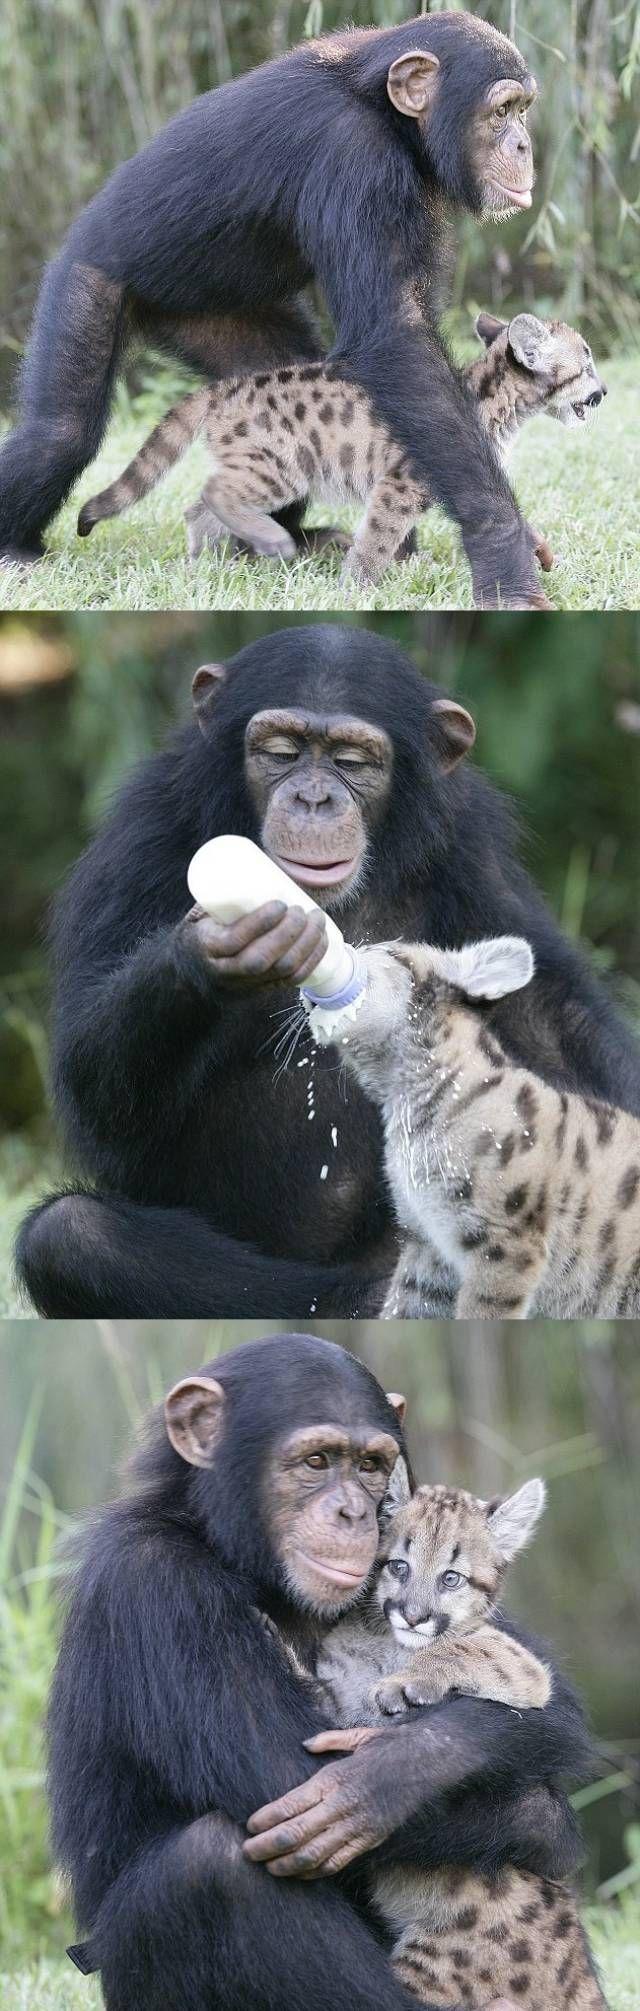 Apor är speciella, så duktig.